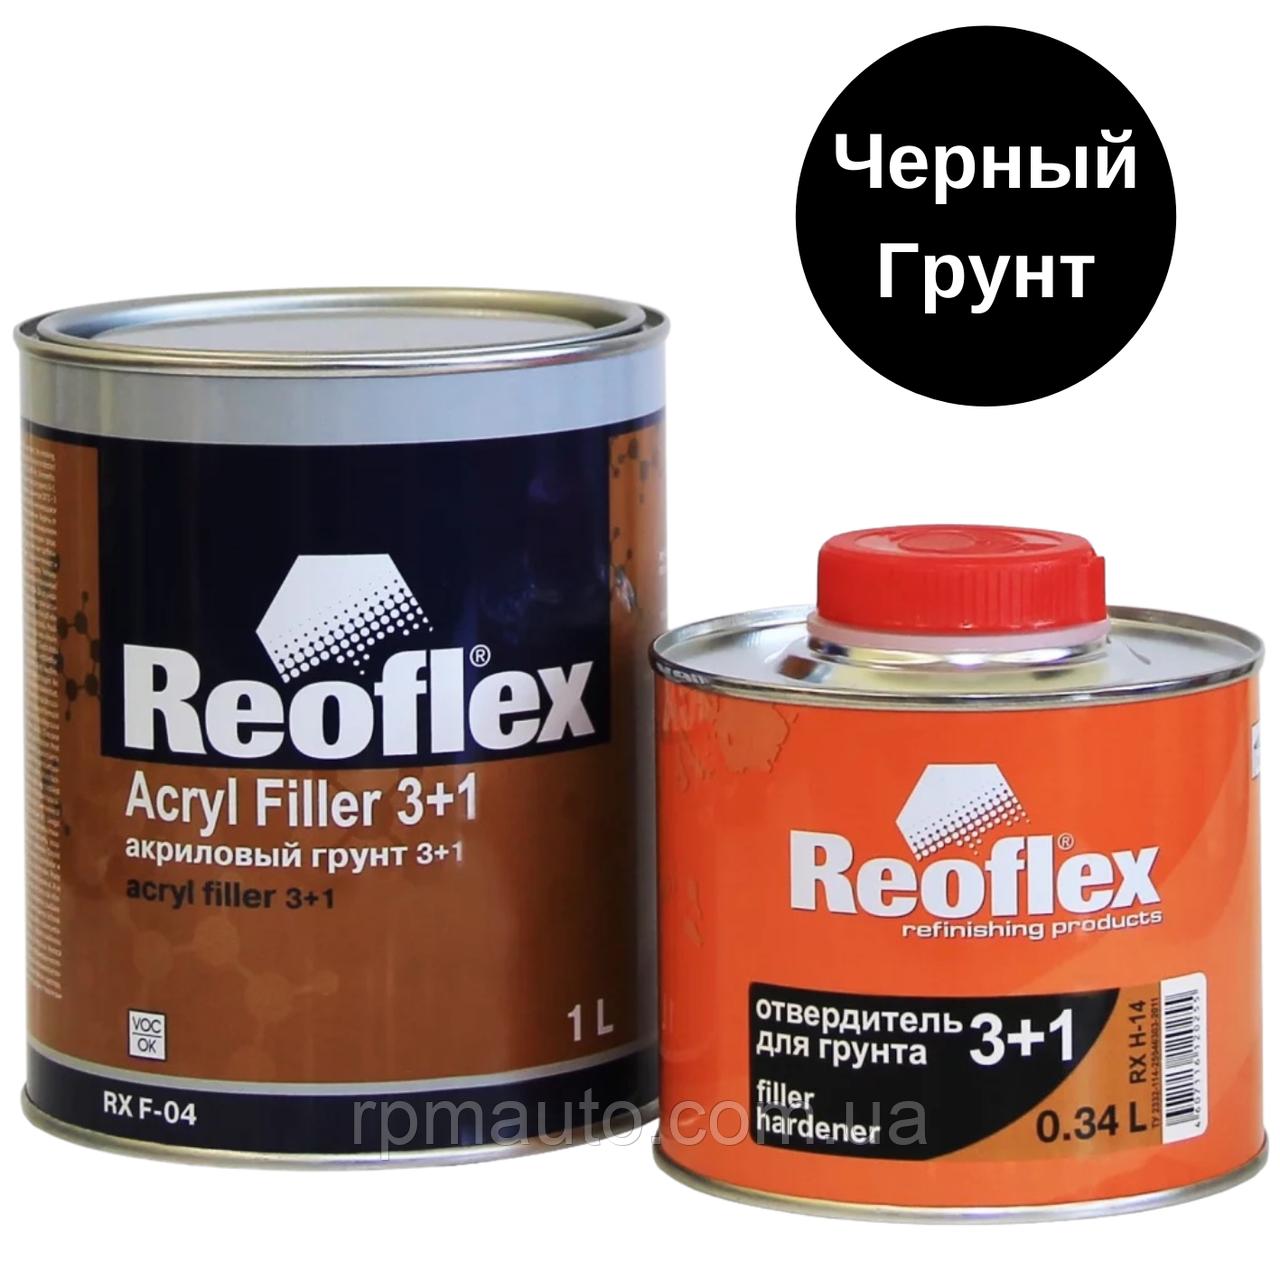 Грунт Акриловый Черный REOFLEX Acryl Filler 3+1 RX F-04 0,5л с Отвердителем 0,17л